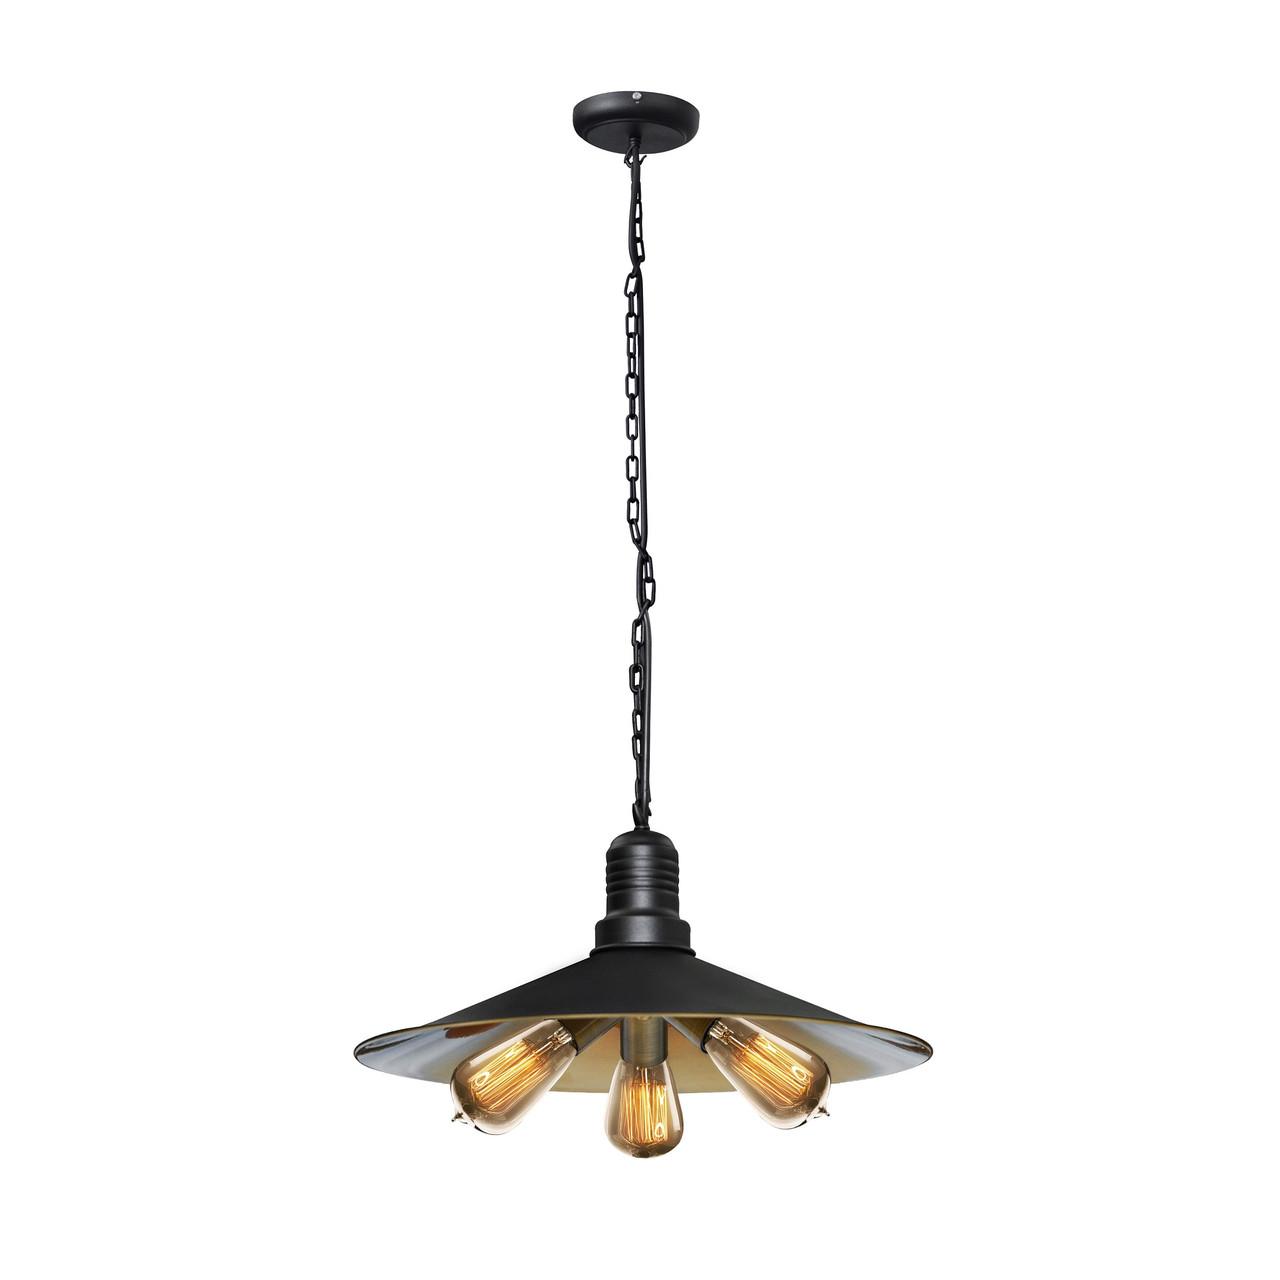 Світильник підвісний в стилі лофт на три лампи MSK Electric NL 4531